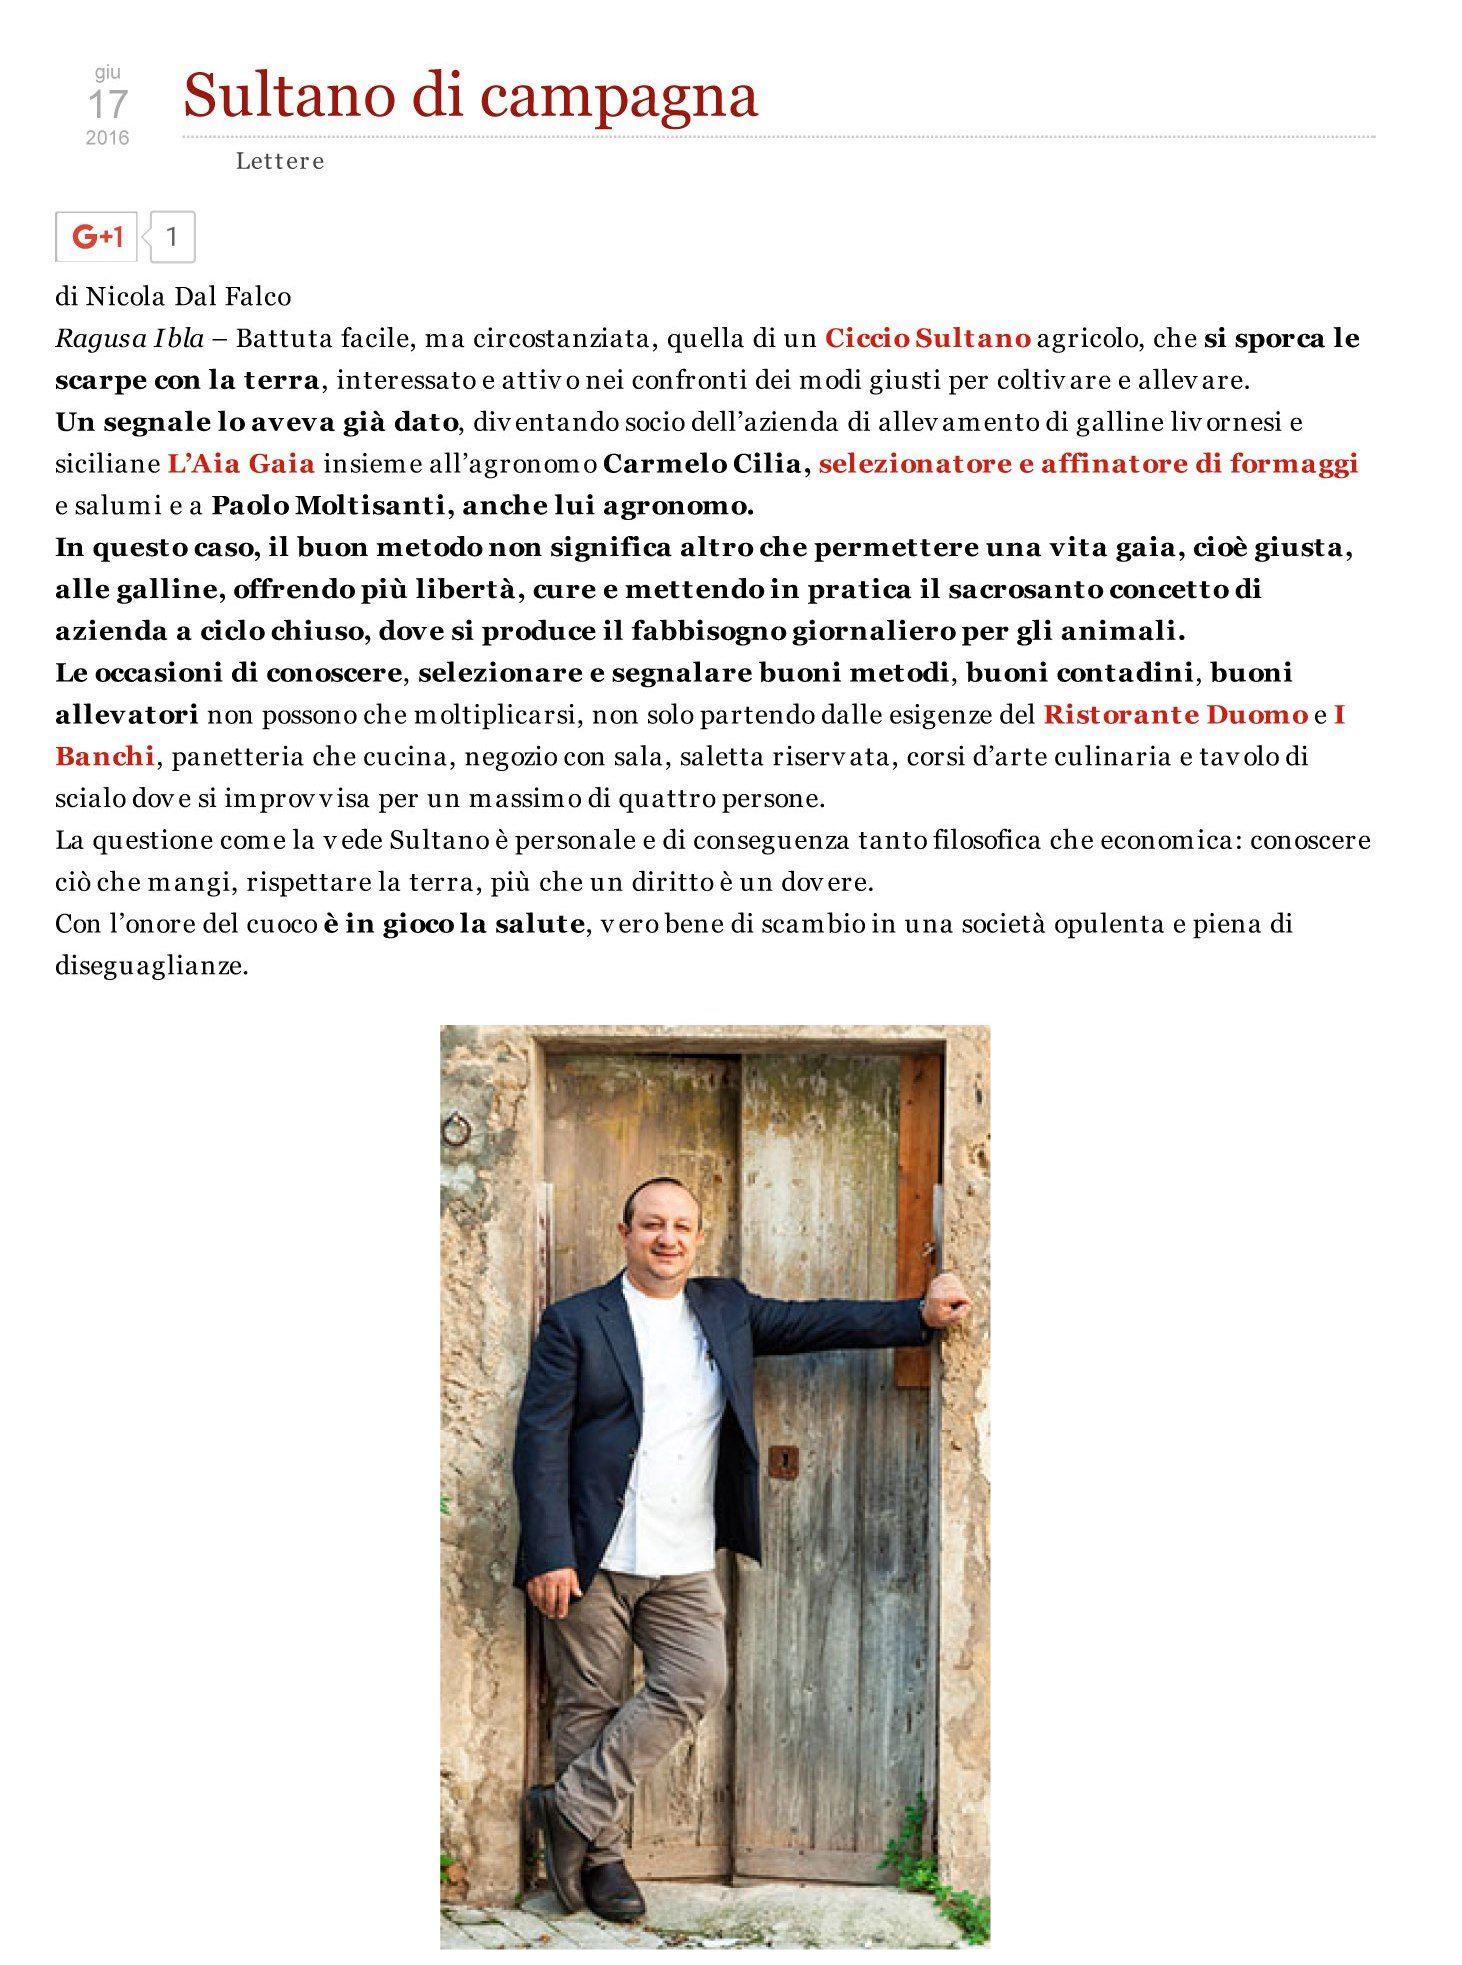 Sultano di campagna www.cicciosultano.it